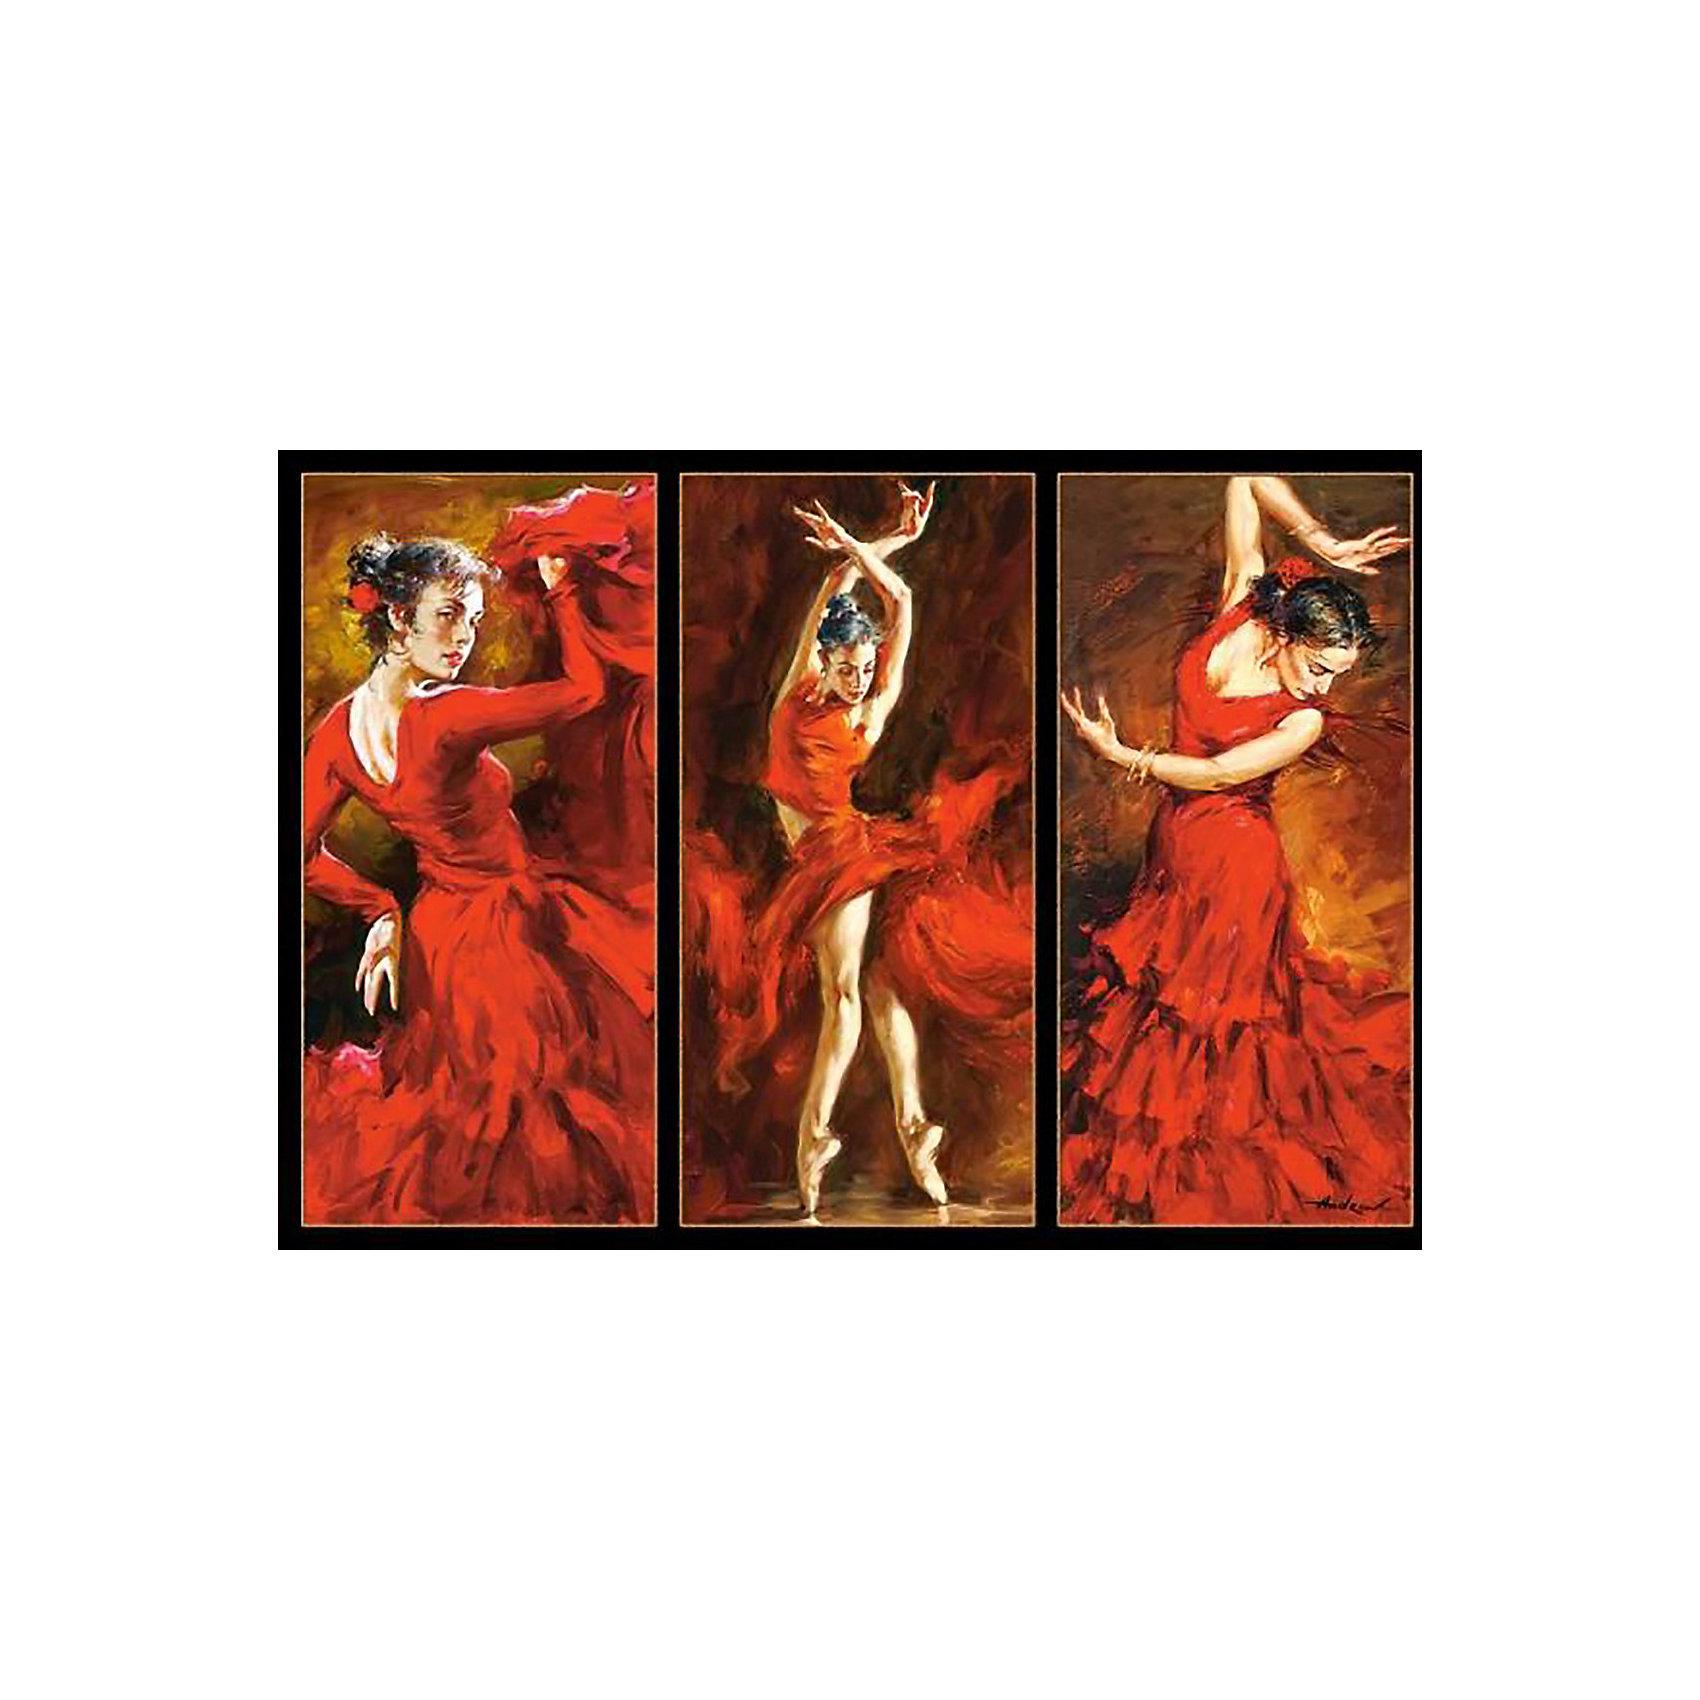 Пазл Танцы, 1000 деталей, CastorlandПазл «Танцы» - яркий и зажигательный триптих на тему фламенко. Насыщенная цветовая гамма выражает бурю эмоций в каждом движении танцовщицы. Картина состоит из 1000 элементов, каждый из которых выполнен  из плотного картона, благодаря чему работать с ними легко и просто. Готовая картина станет оригинальным украшением квартиры и поразит Ваших гостей своим великолепием и качественным исполнением.<br><br>Дополнительная информация:<br><br>- Уникальное качество деталей;<br>- Развивает: воображение, логику, мелкую моторику, память;<br>- Чудесное украшение интерьера;<br>- Прекрасная полиграфия;<br>- Размеры: 24,9 x 34,8 x 5,1 см;<br>- Размер готовой картинки: 68 х 47 см;<br>- Вес: 0,5 кг.<br><br>Пазл « Танцы», 1000 деталей, Castorland (Касторленд)  можно купить в нашем интернет-магазине.<br><br>Ширина мм: 350<br>Глубина мм: 50<br>Высота мм: 250<br>Вес г: 500<br>Возраст от месяцев: 168<br>Возраст до месяцев: 1188<br>Пол: Унисекс<br>Возраст: Детский<br>Количество деталей: 1000<br>SKU: 3849114